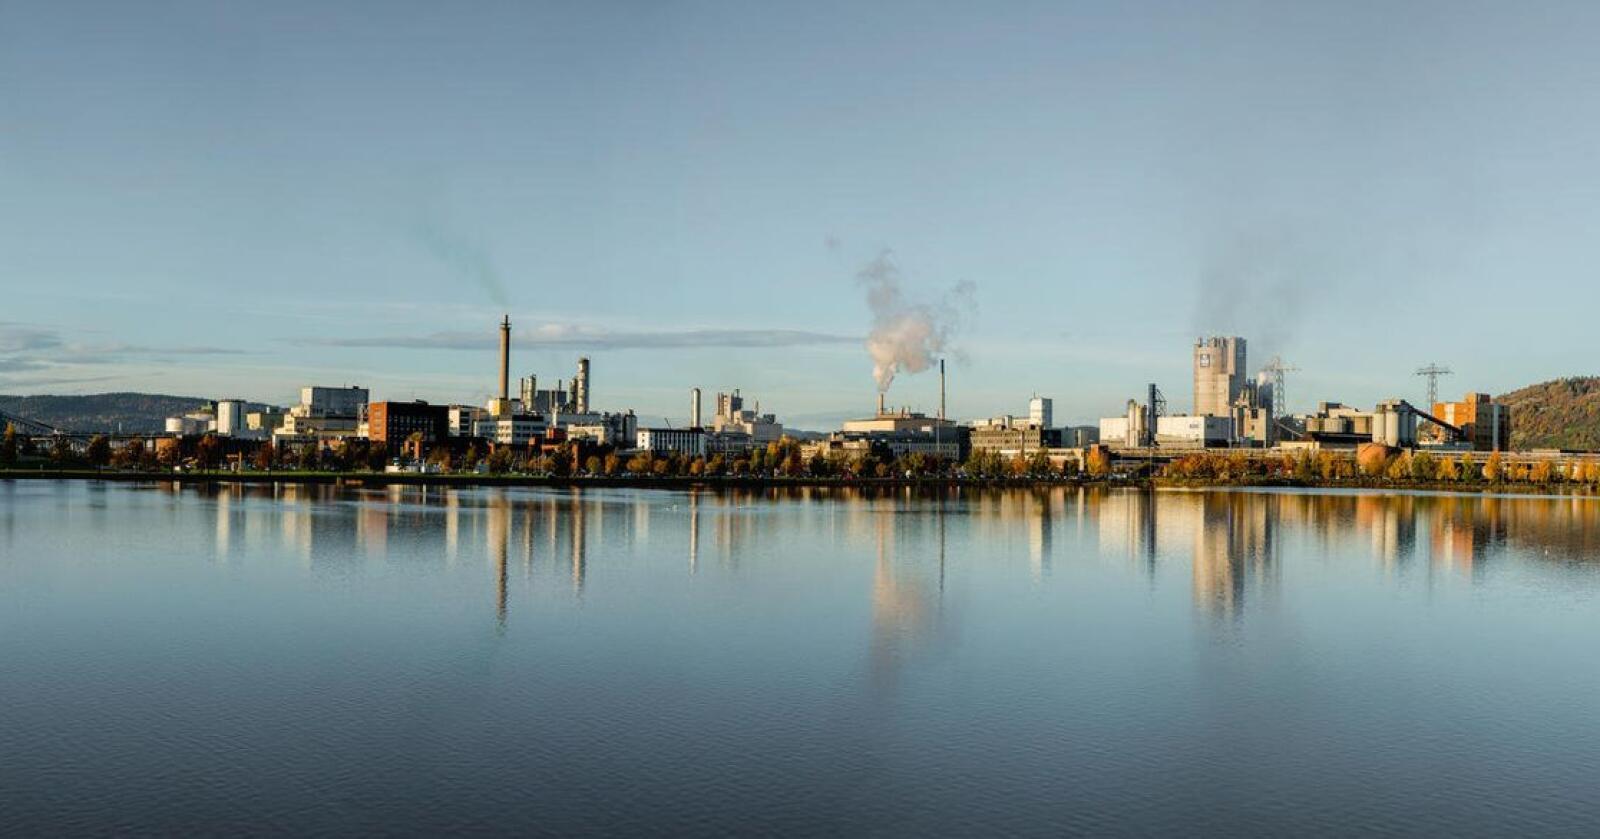 Grønn ammoniakk: Yara her planer om å elektrifisere ammoniakkfabrikken på Herøya. (Foto: Yara)